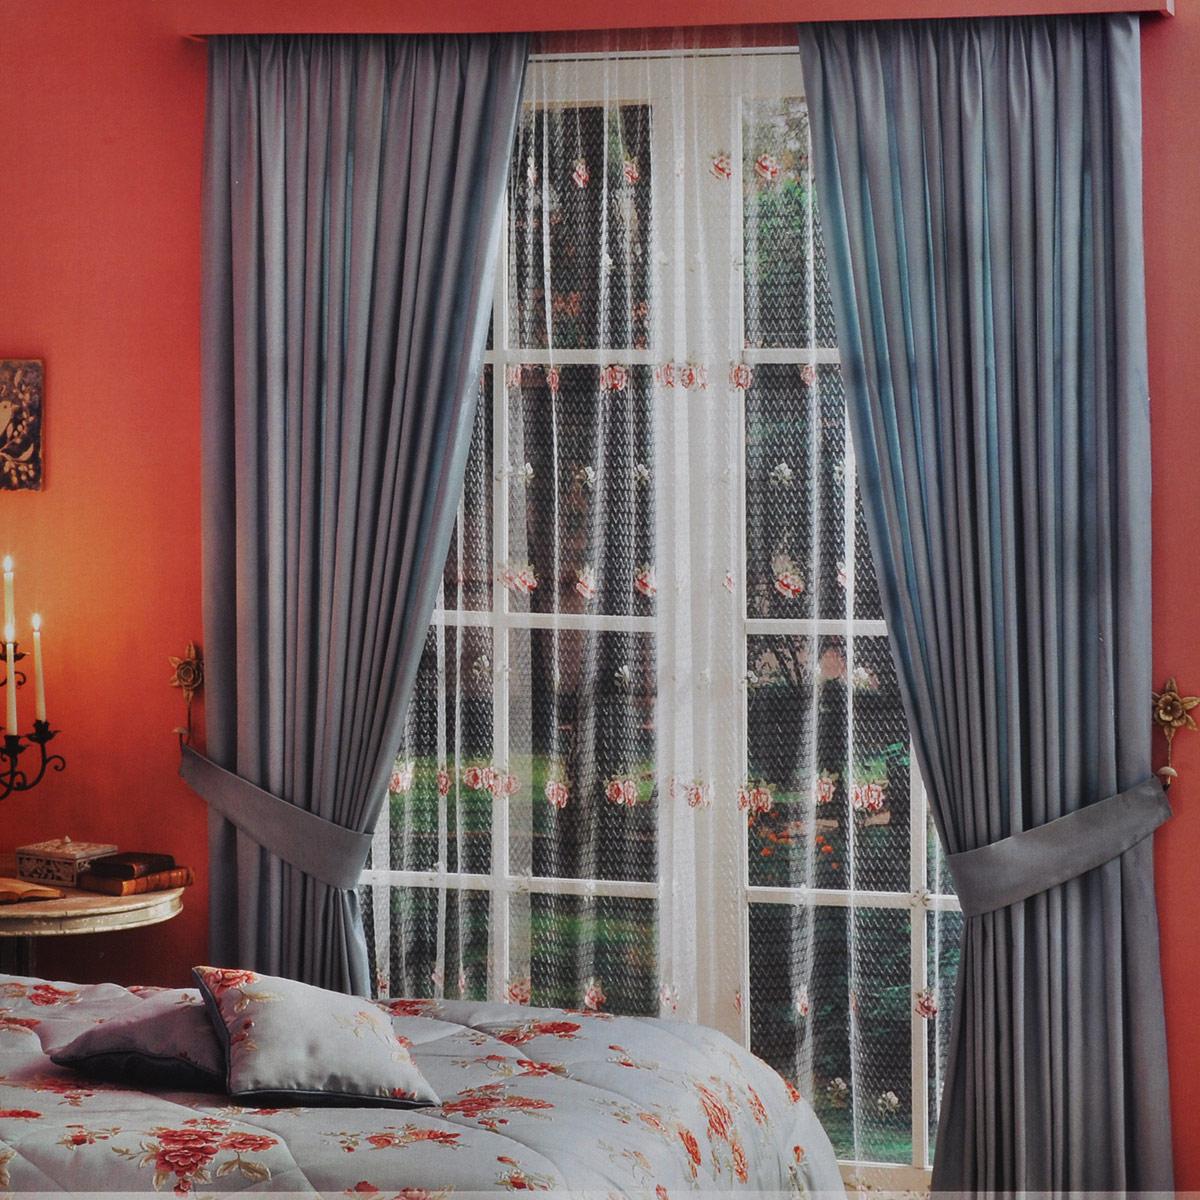 Комплект штор ТАС Zanotta, на ленте, цвет: серо-голубой, белый, высота 270 см6088-25056088Роскошный комплект штор ТАС Zanotta, выполненный из качественного полиэфира, состоит из двух портьер, тюля и двух подхватов. Портьеры и подхваты выполнены из плотной ткани серо-голубого цвета. Тюль выполнен из сетчатой ткани белого цвета с яркой цветочной вышивкой. Тюль и портьеры оснащены шторной лентой для собирания в сборки. Комплект штор ТАС Zanotta эффектно подчеркнет стиль вашего дома, а также создаст неповторимую атмосферу гармонии. Полиэфир - вид ткани, состоящий из полиэфирных волокон. Ткани из полиэфира - легкие, прочные и износостойкие. Такие изделия не требуют специального ухода, не пылятся и почти не мнутся. Комплект упакован в подарочный ПВХ-чемодан с ручкой, закрывающийся на застежку-молнию. Рекомендации по уходу: - бережная машинная стирка при температуре не более 30°С; - отбеливание запрещено; - гладить при температуре нижней плиты утюга не более 110°С; - бережная химическая чистка; - нельзя выжимать и...